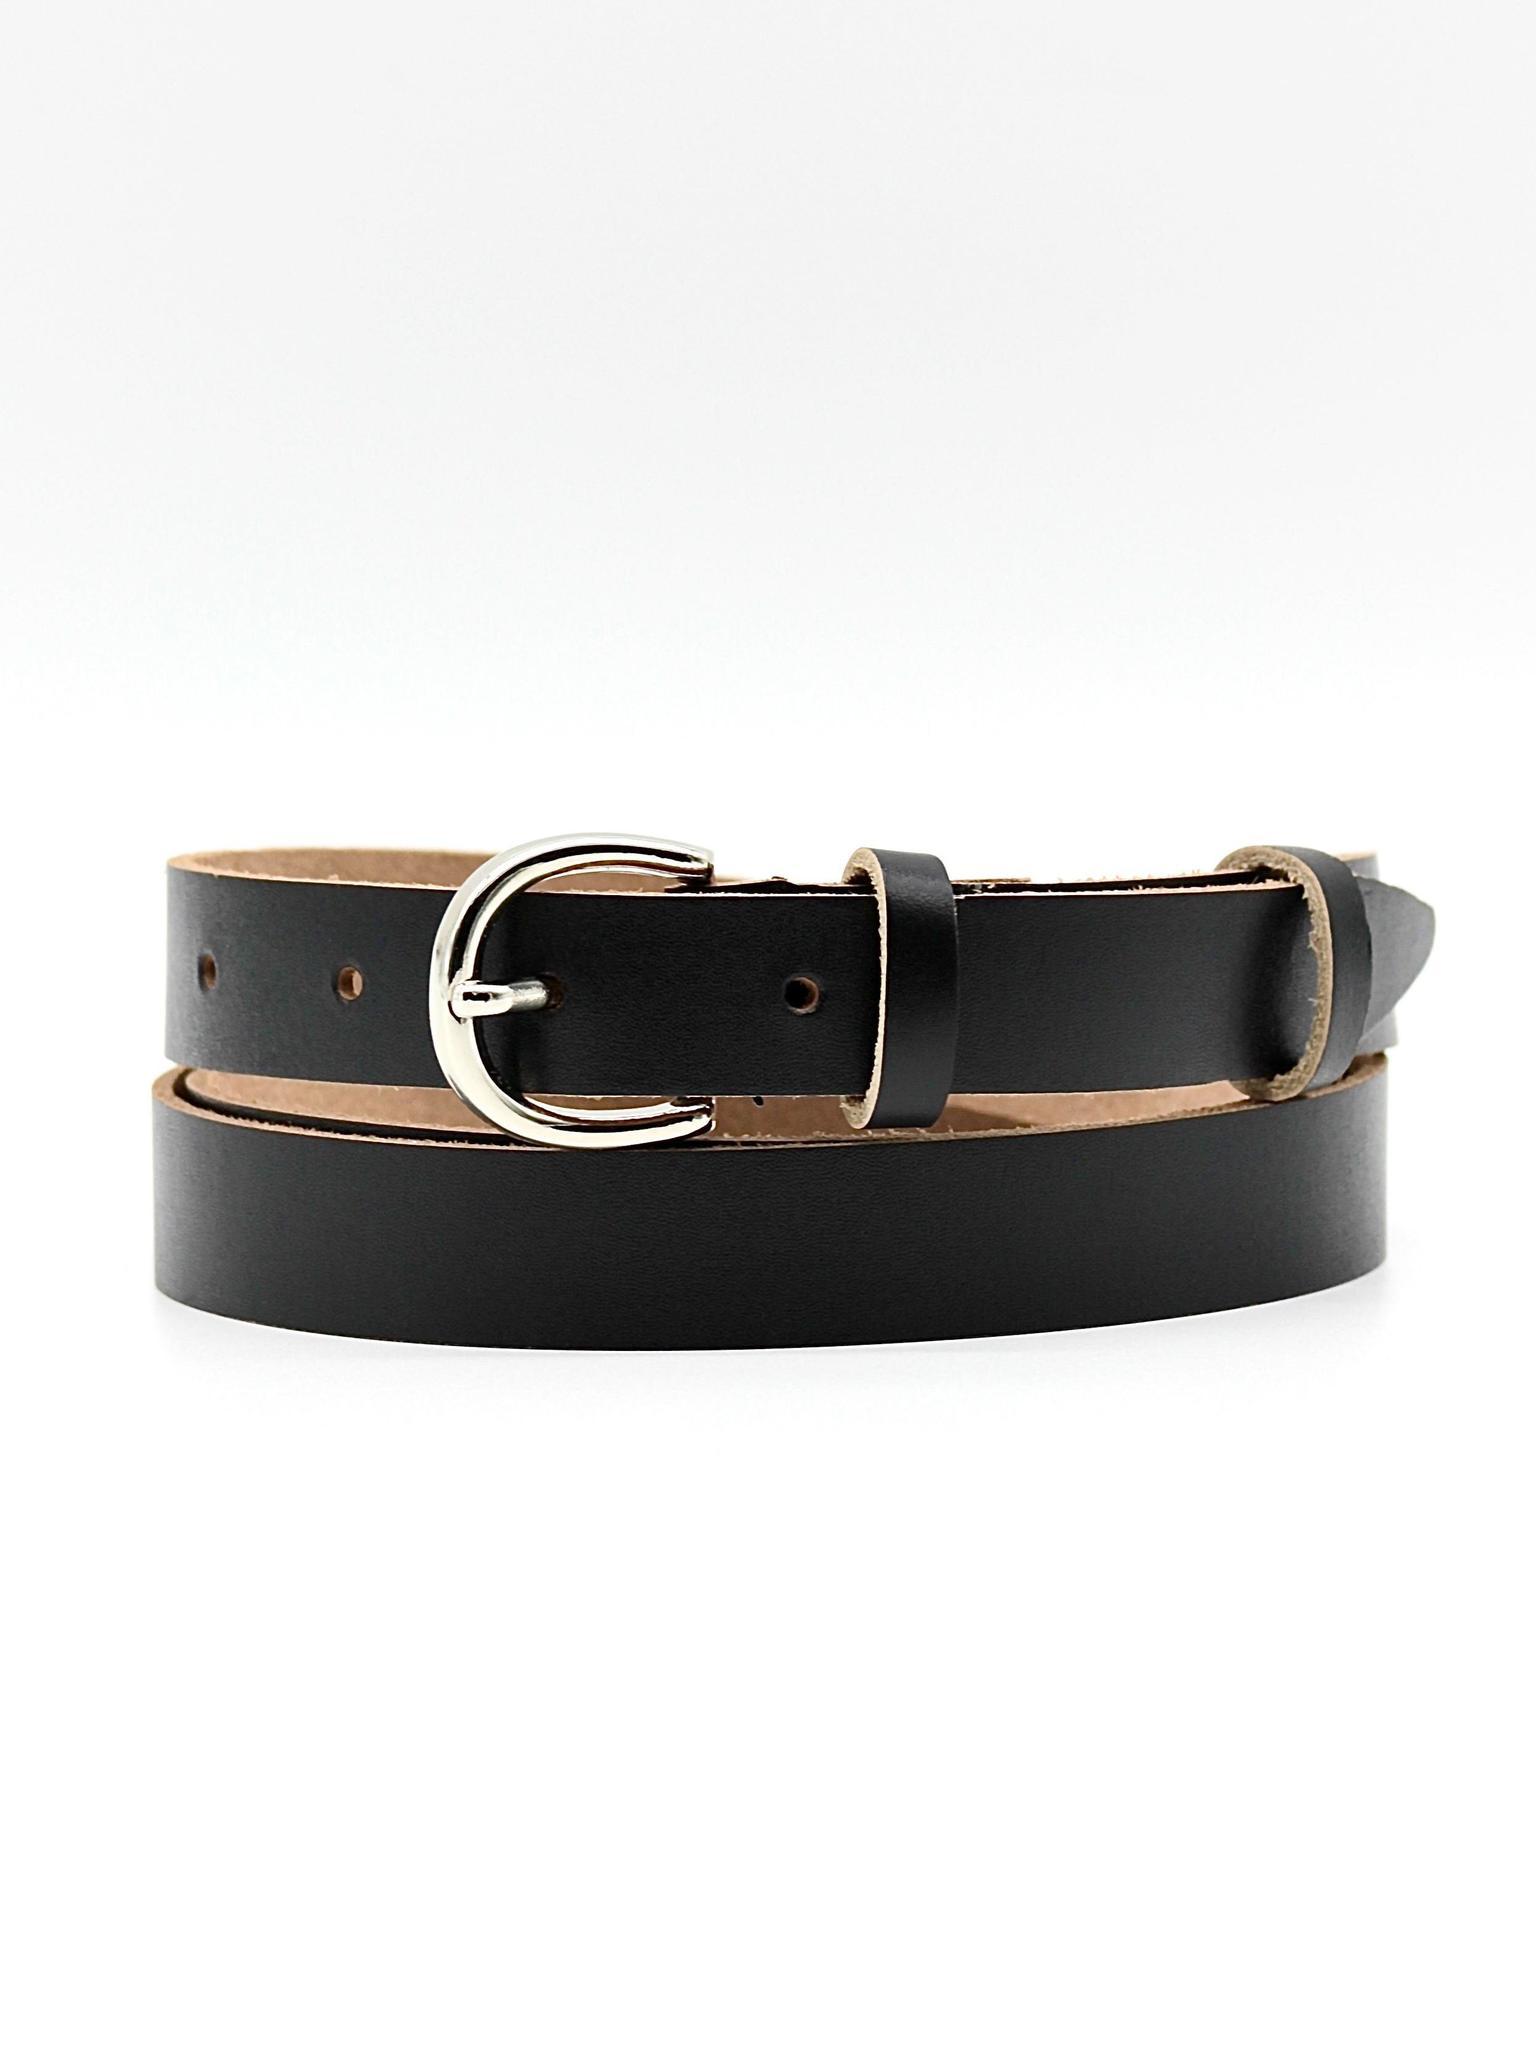 Женский кожаный чёрный ремень 20 мм Coscet WWW20-1-6